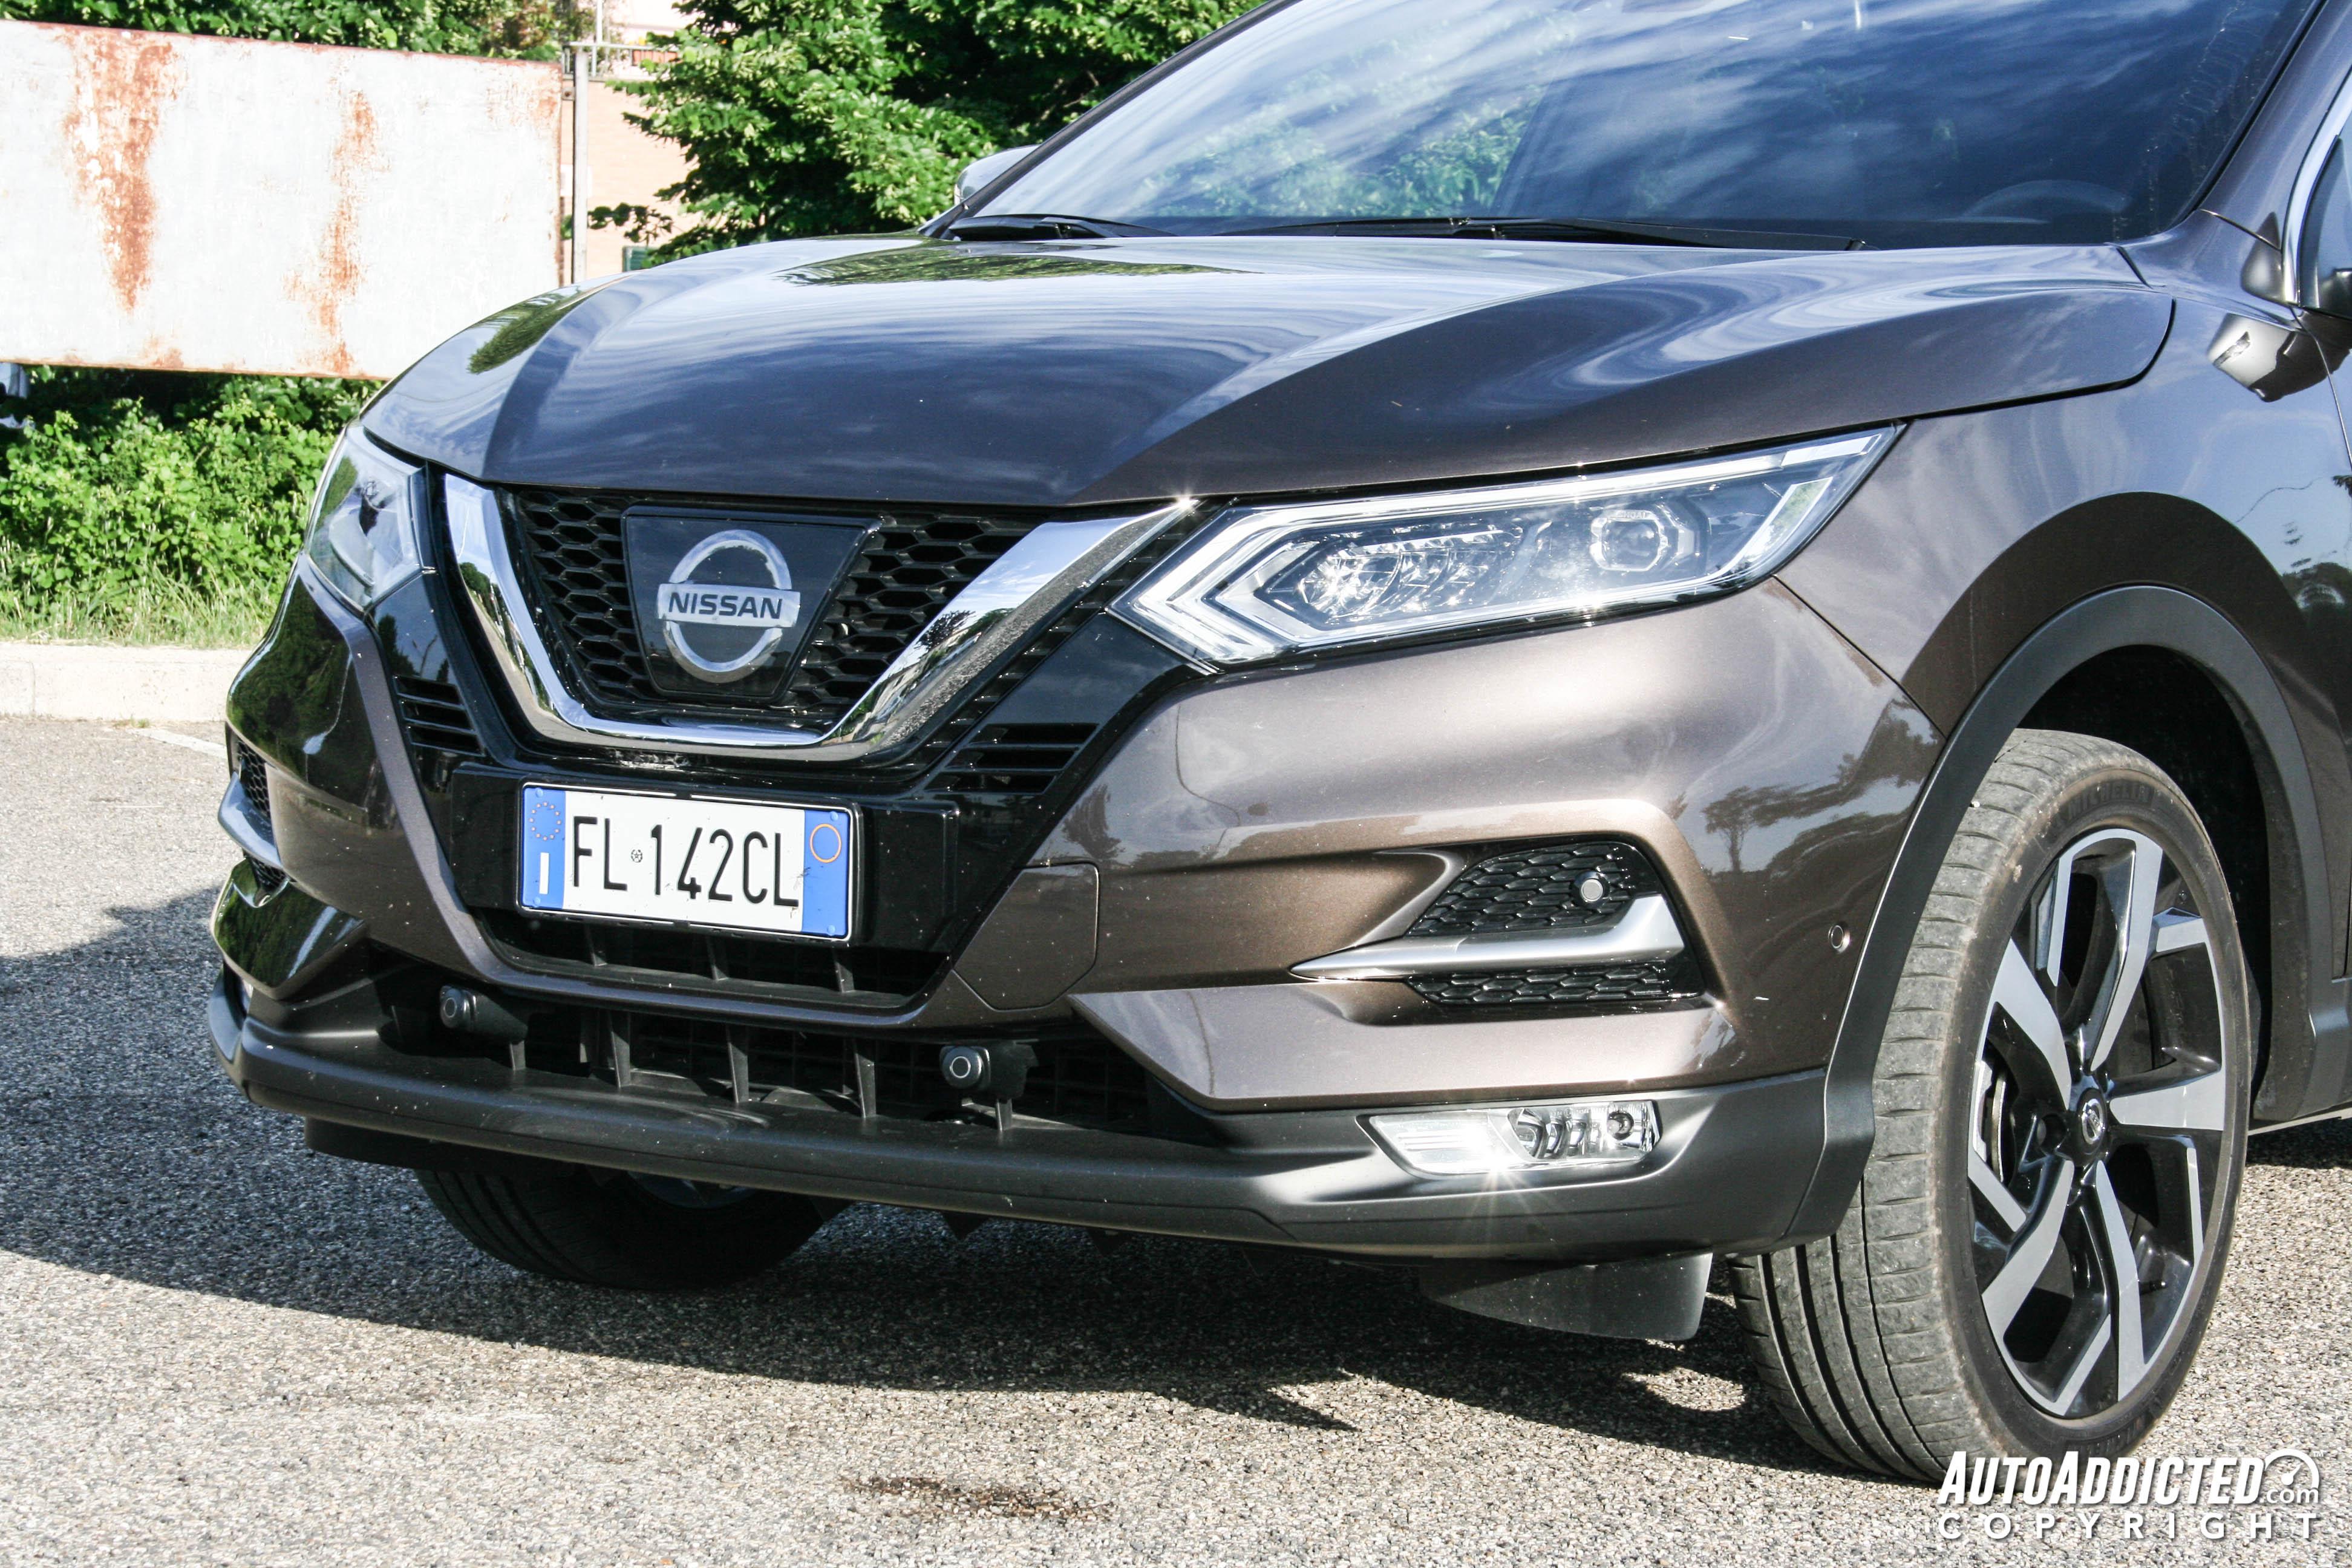 Nissan QASHQAI 1.6 DIG-T Tekna+ (163cv) - la nostra #Videoprova